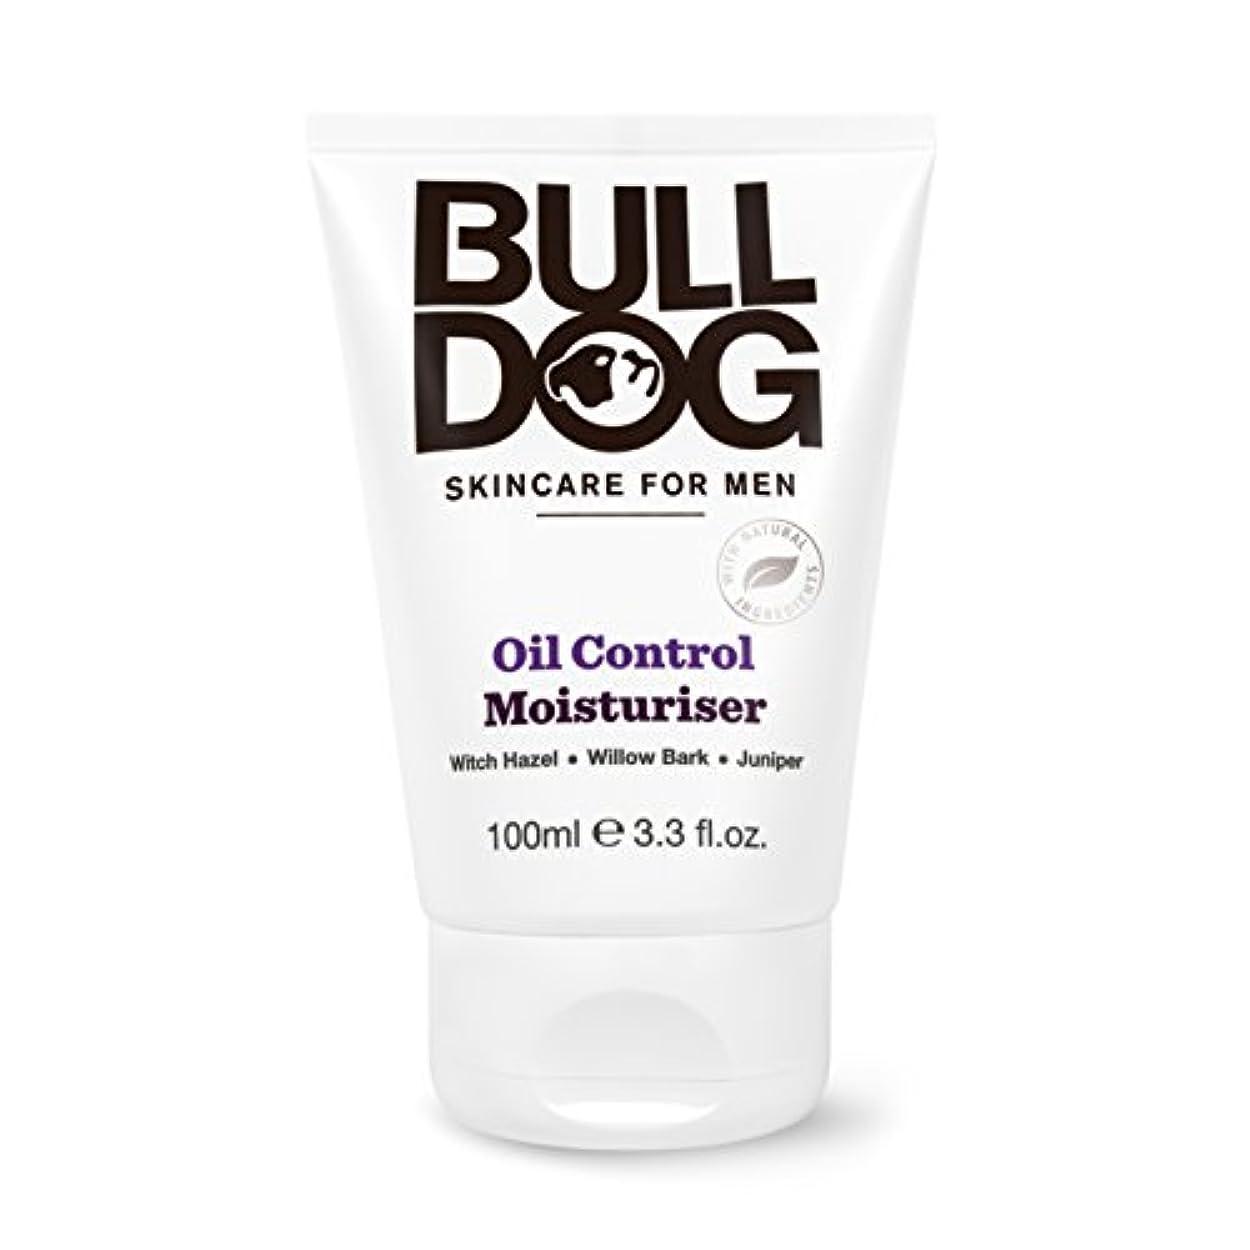 アルファベットタイマーブルドッグ Bulldog オイルコントロール モイスチャライザー(保湿クリーム) 100mL